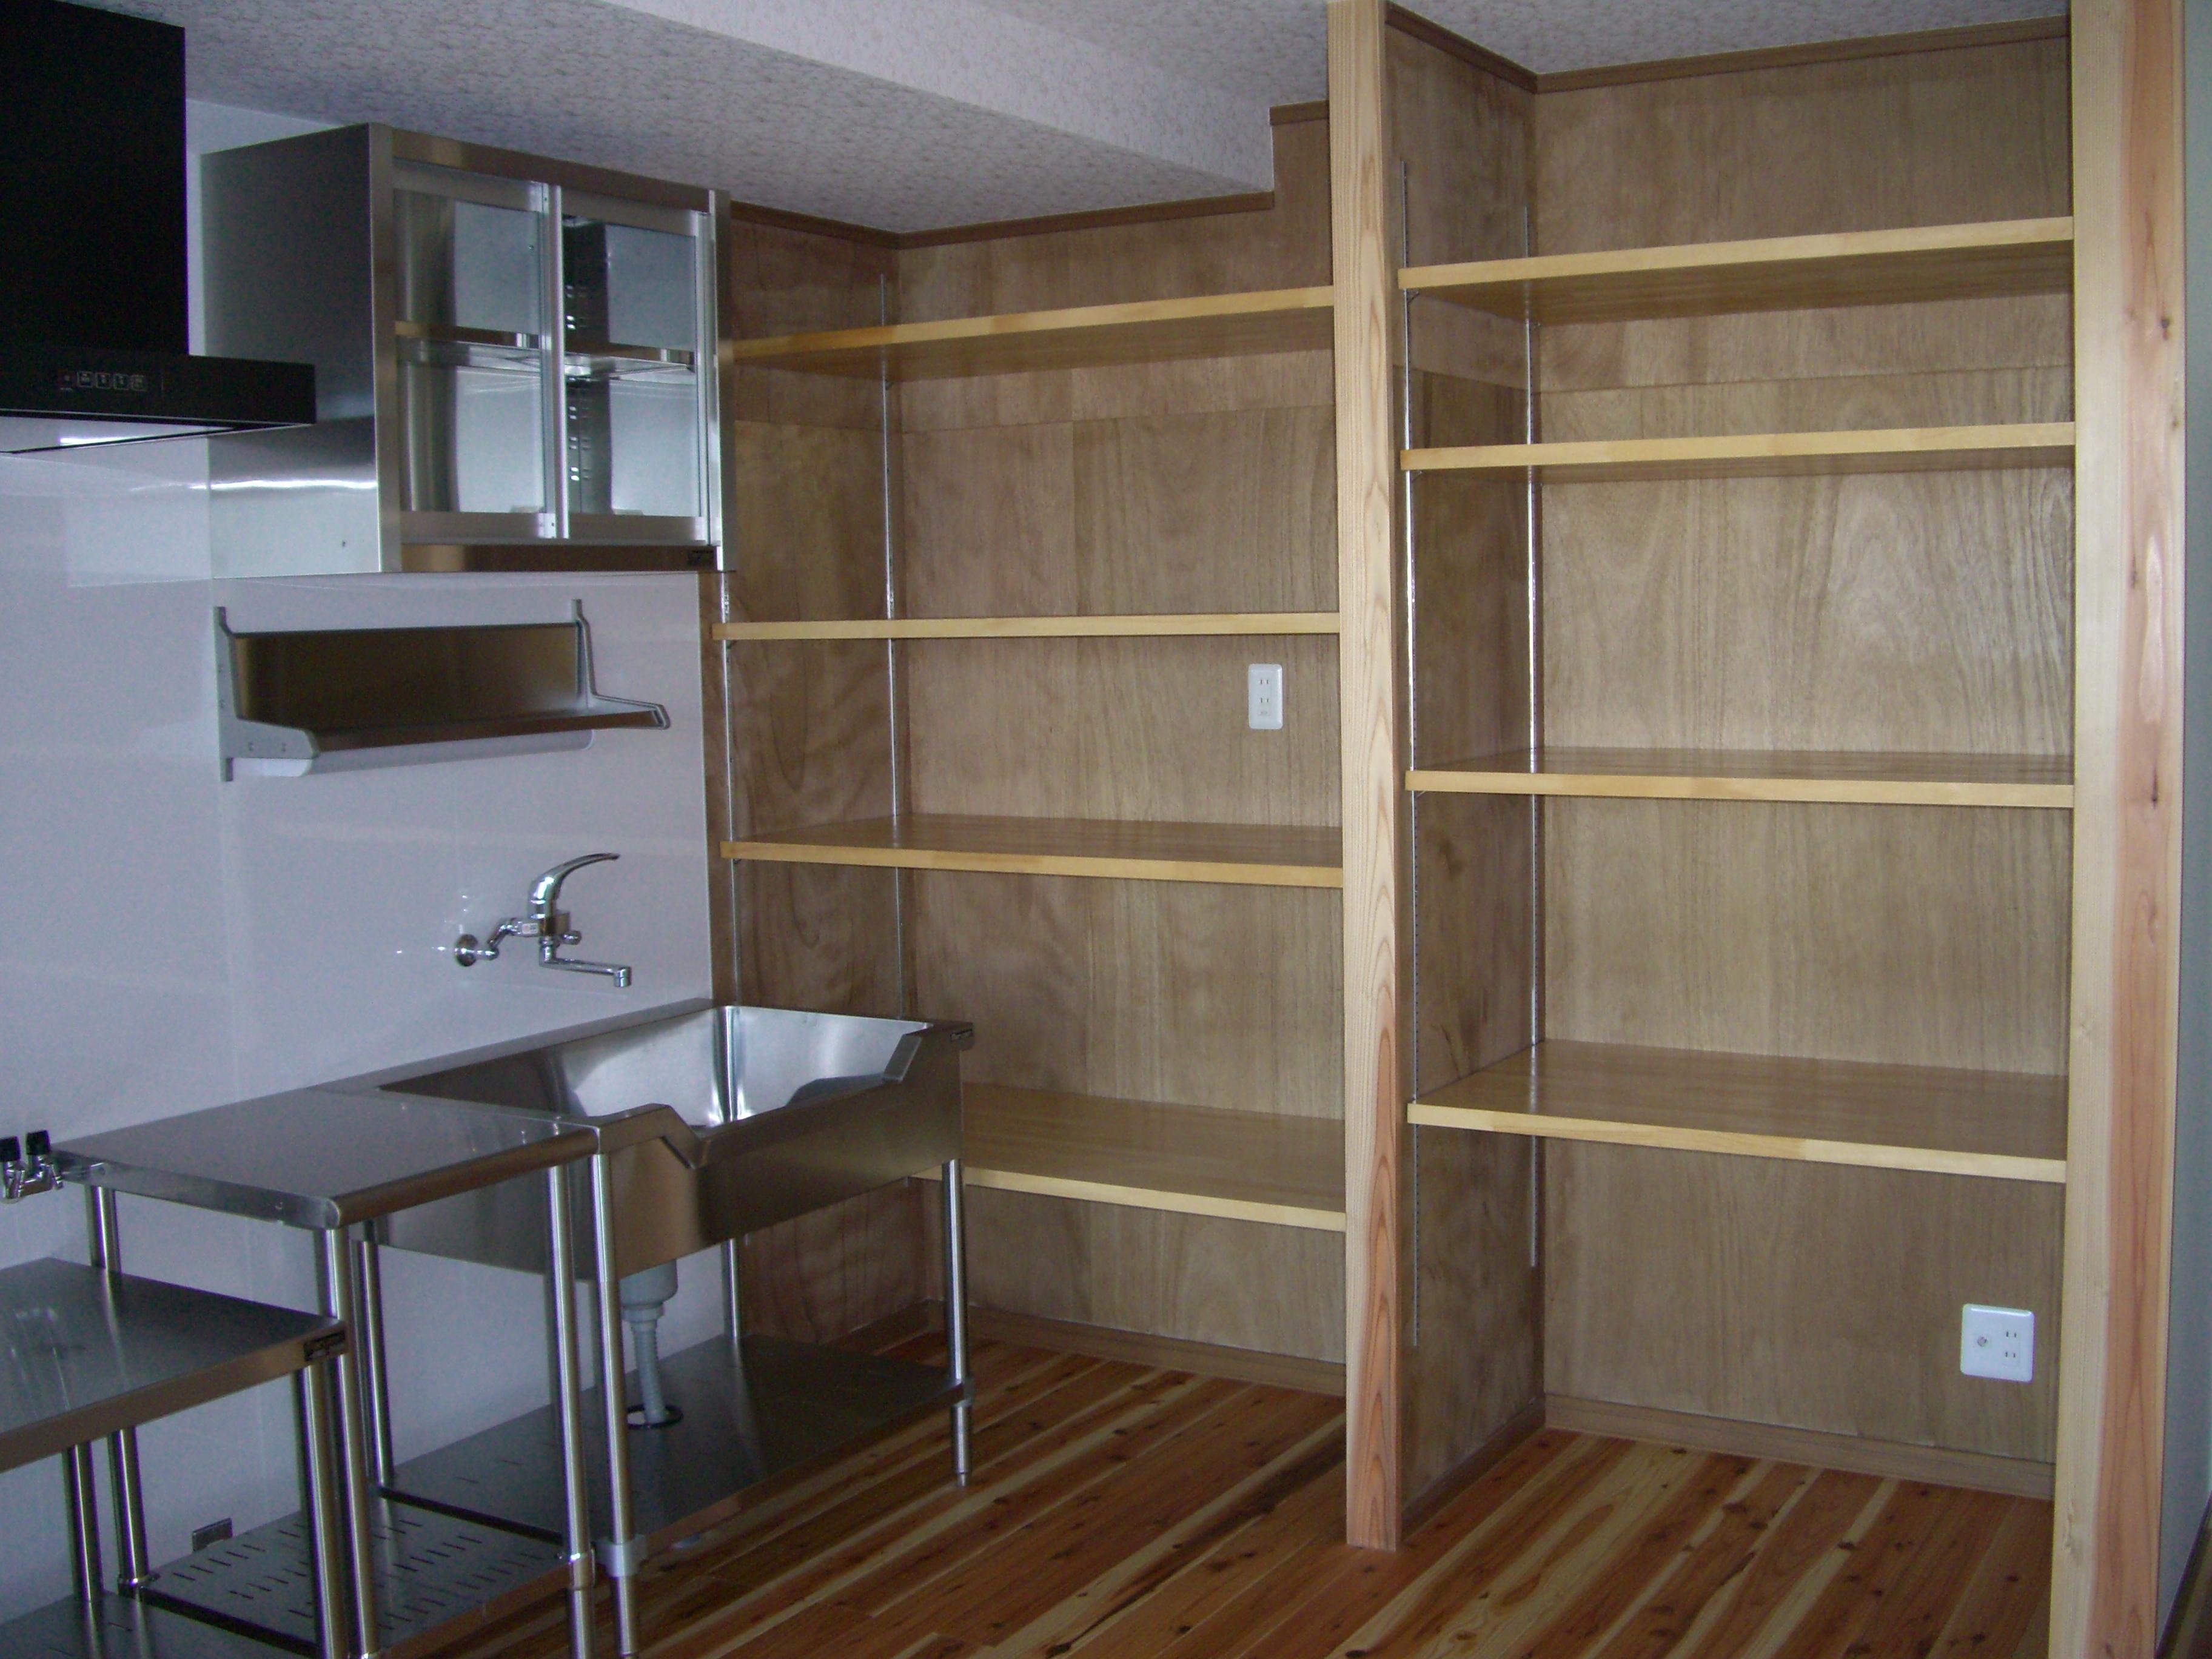 無機質なステンレスキッチン。床は杉の無垢材貼り。<br /> KA様らしいオリジナルな空間になりました。